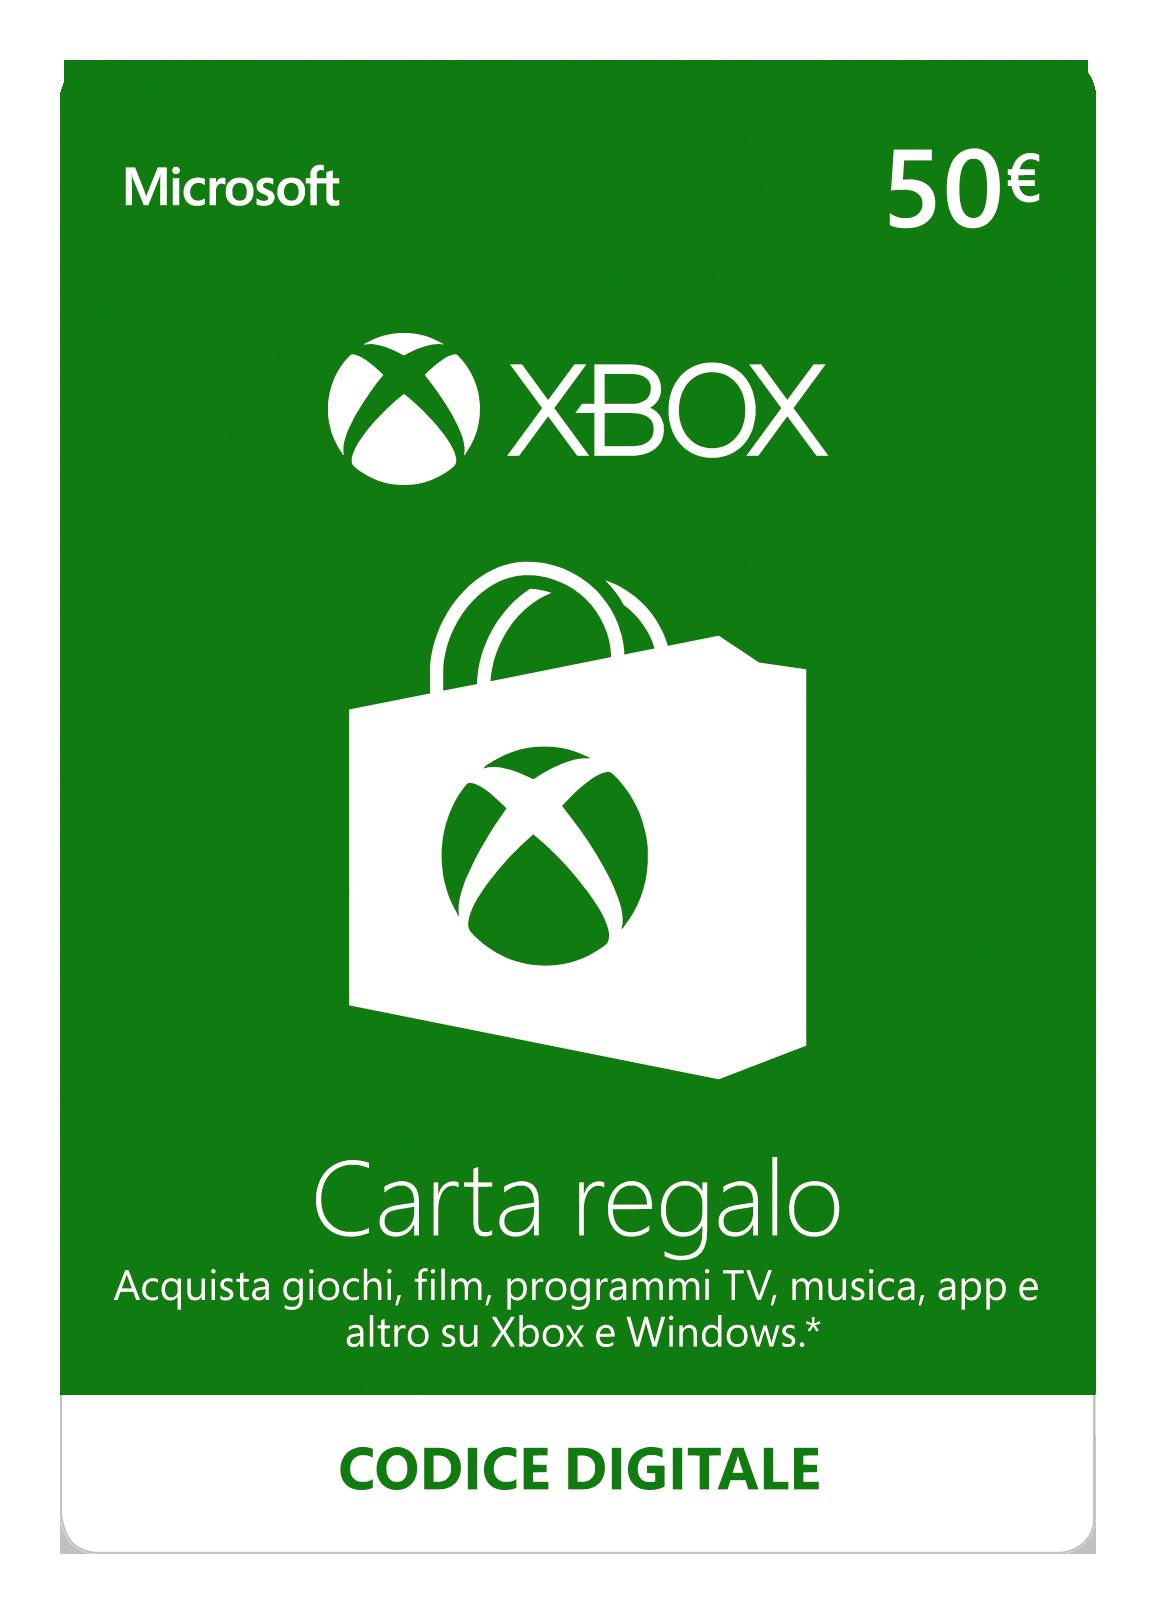 Xbox Live - 50 EUR Carta Regalo [Xbox Live Codice Digital]